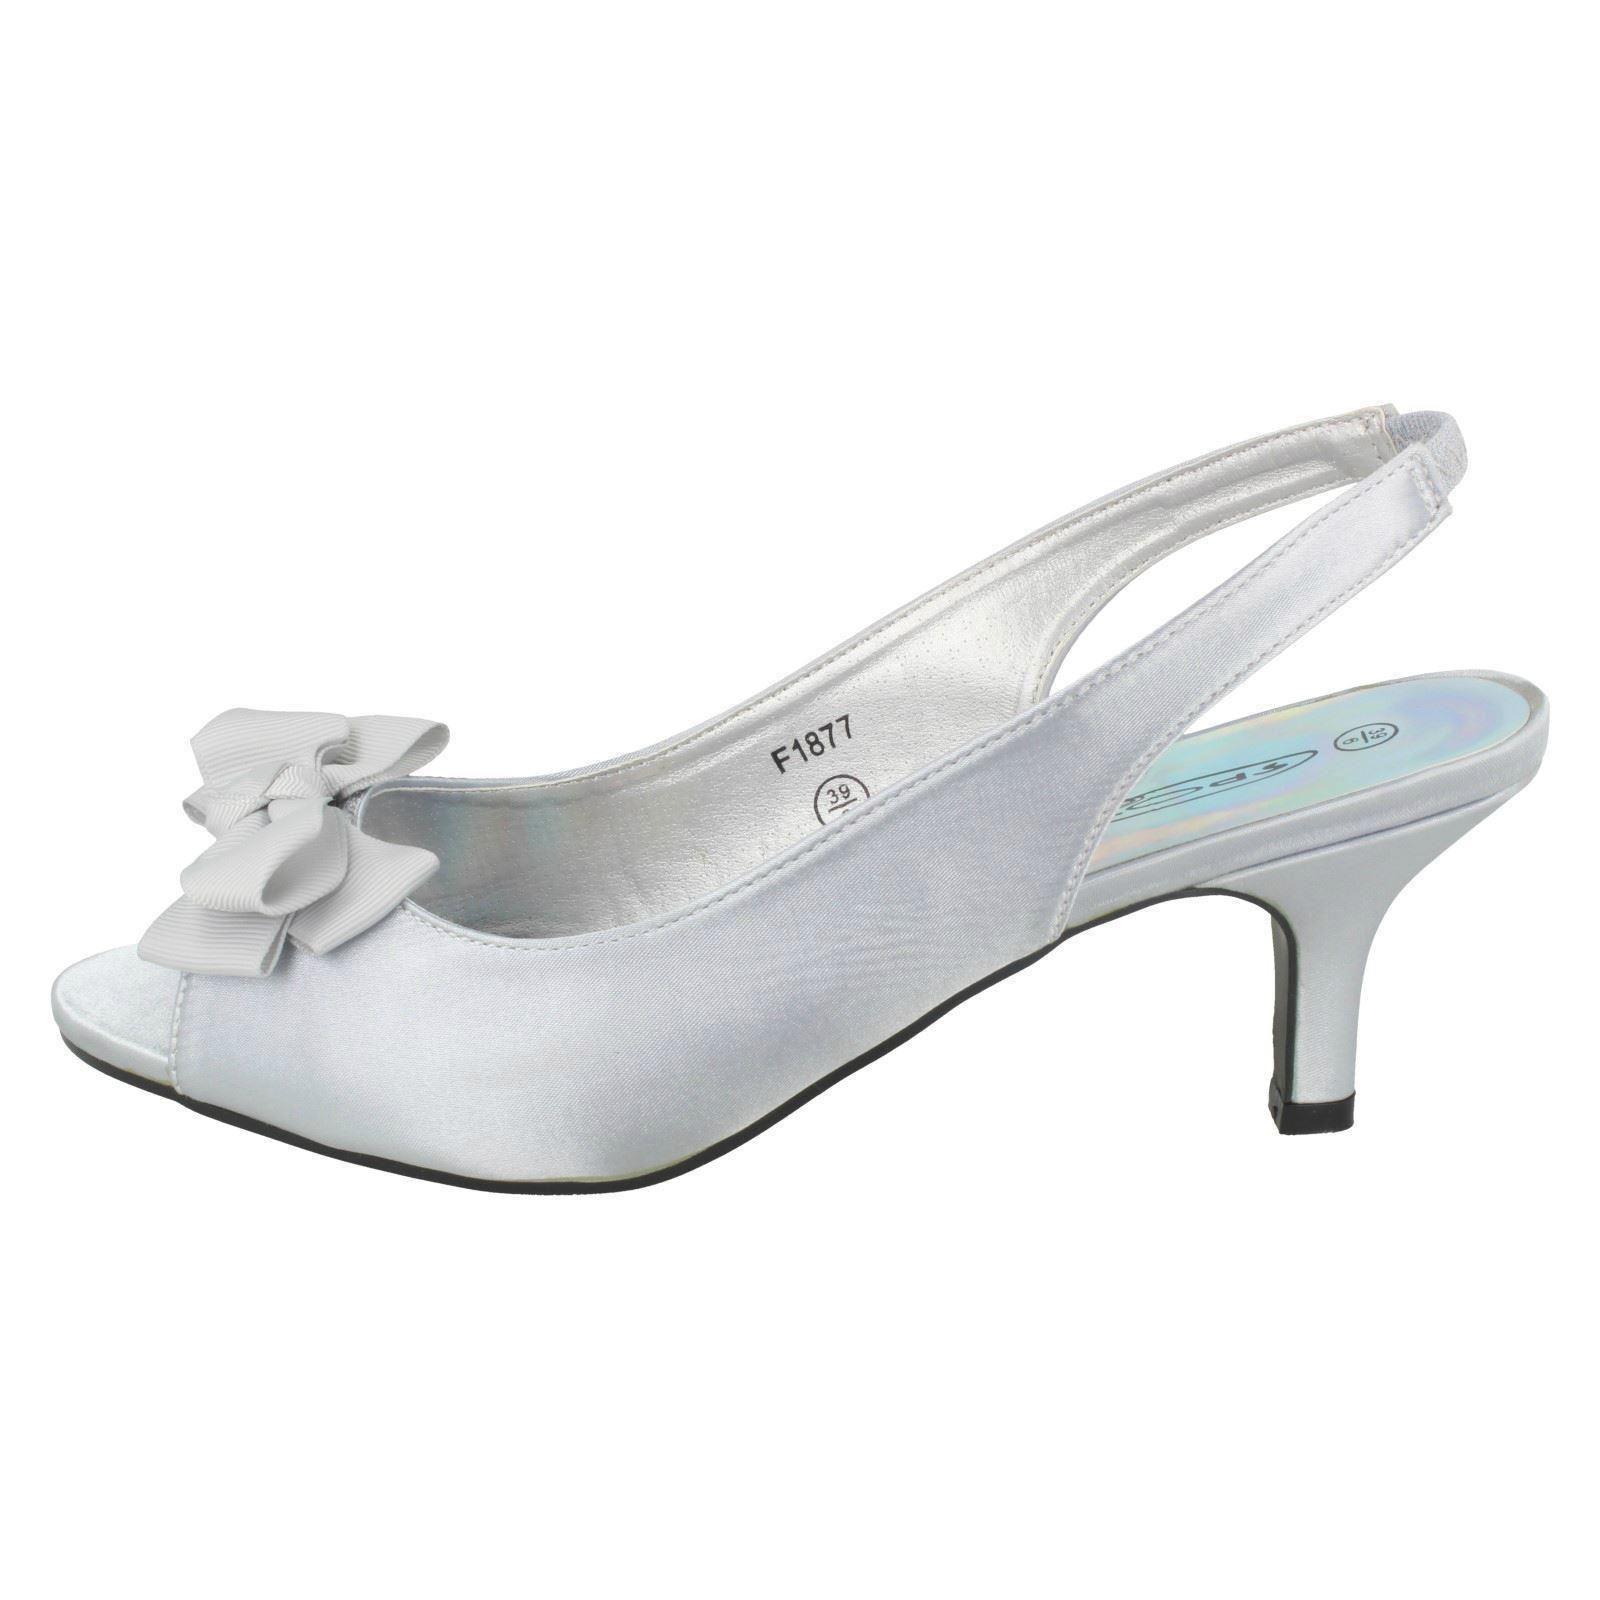 Ladies-Spot-On-Satin-Slip-On-Slingback-Heeled-Sandals